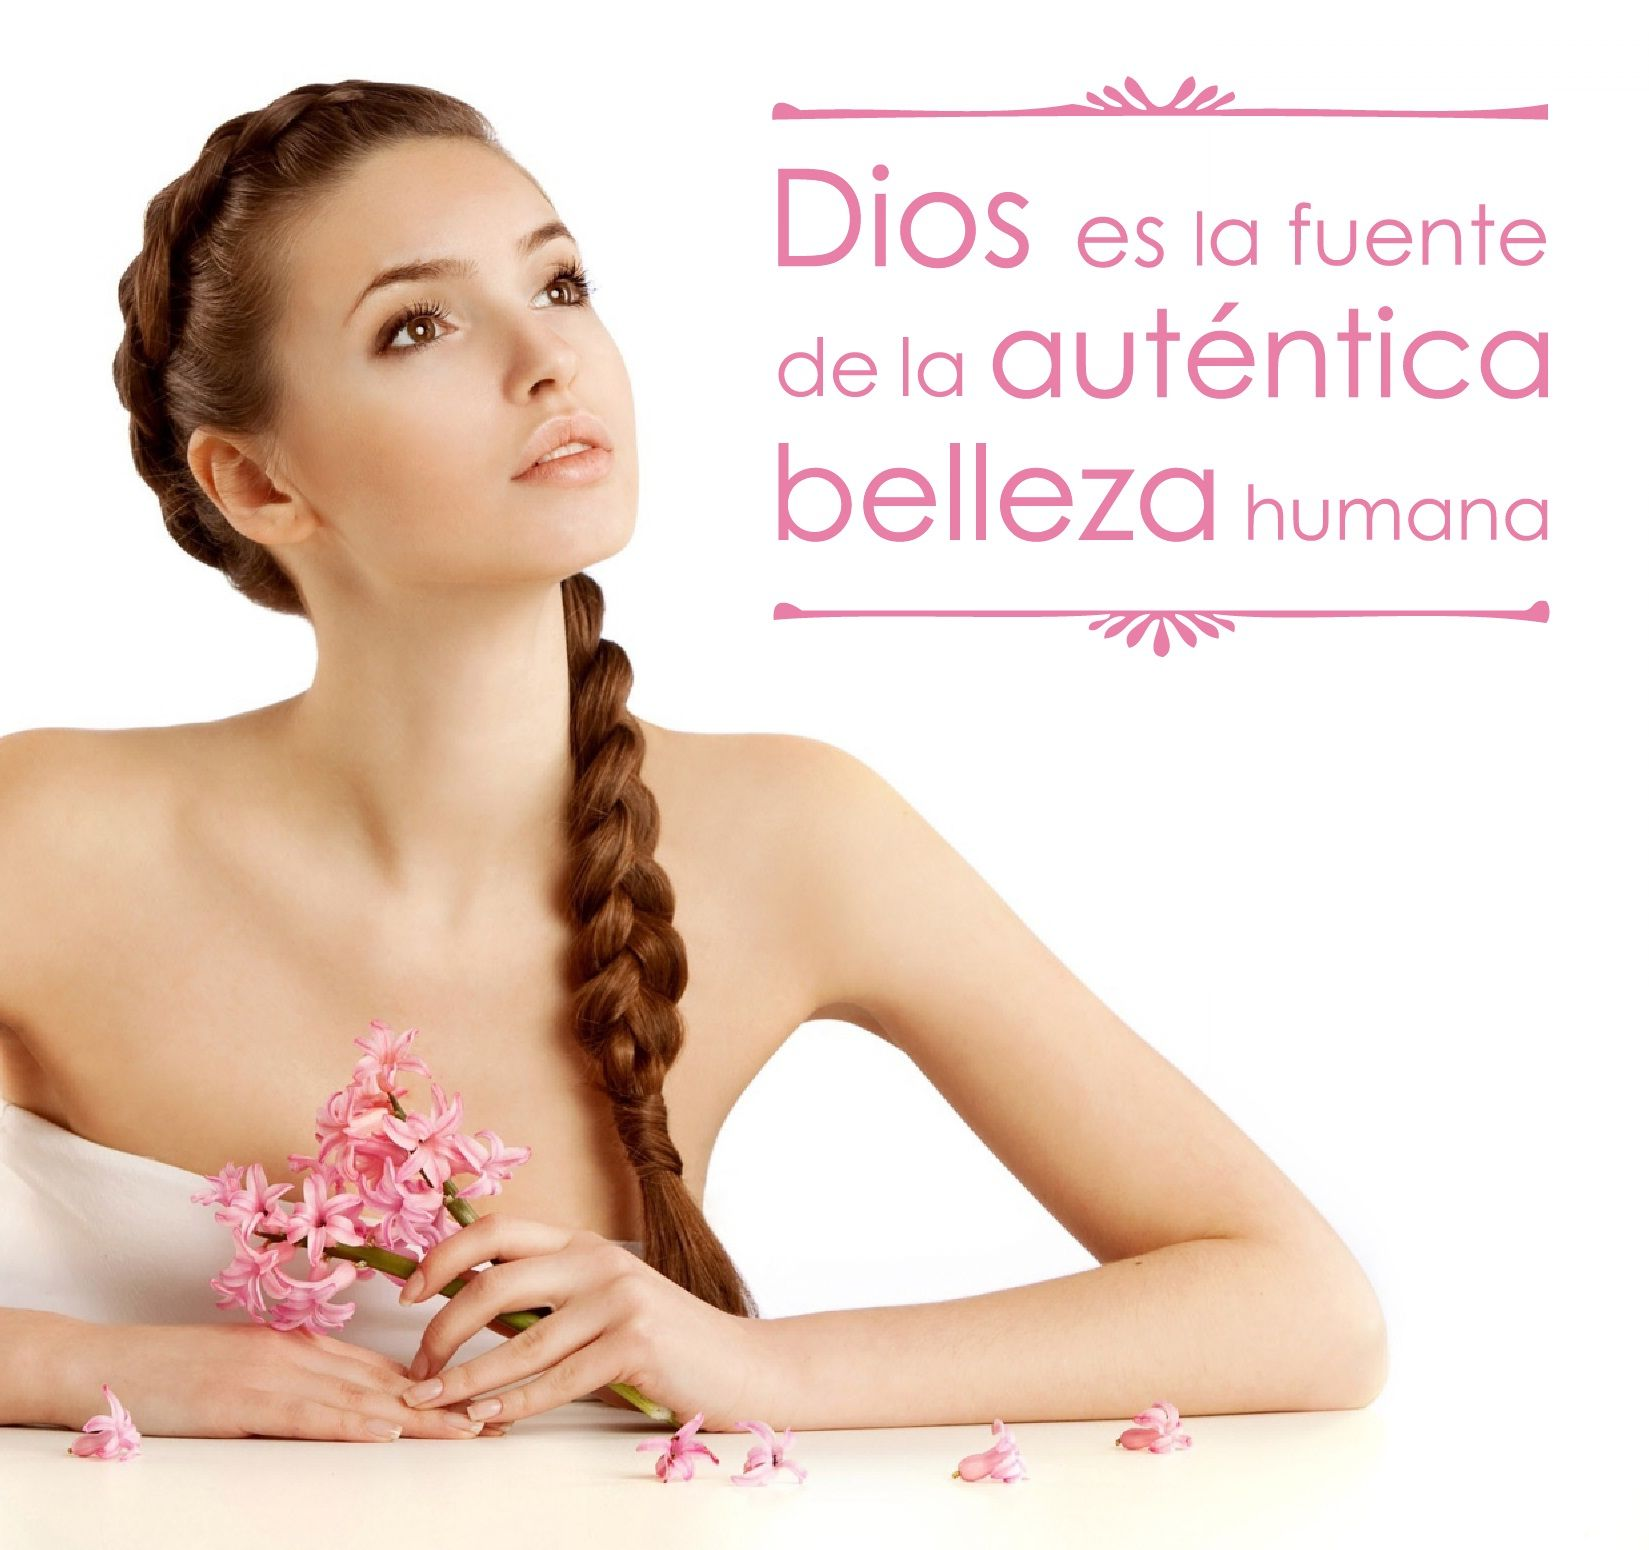 #Dios es la fuente de la #auténtica belleza humana